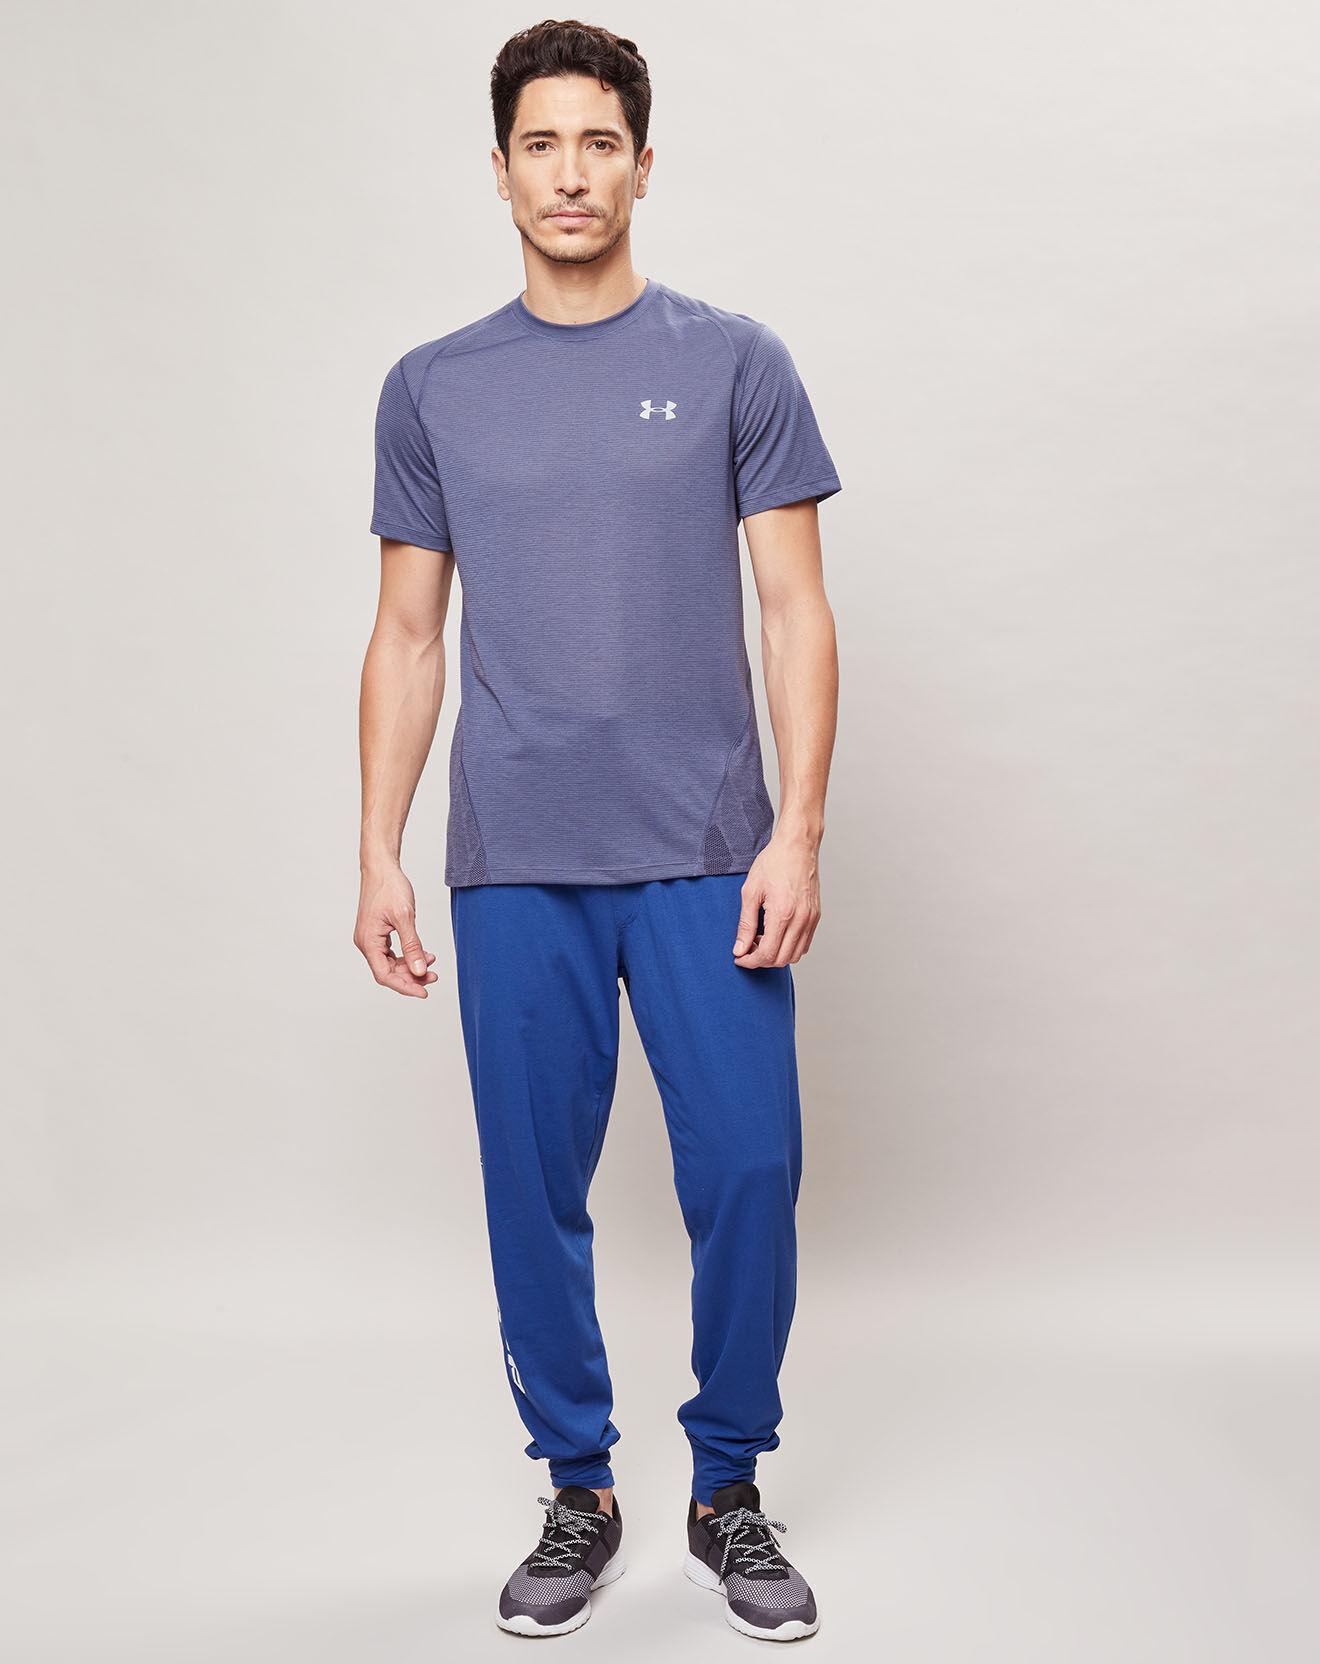 T-Shirt Streaker 2.0 Shift bleu - Under Armour - Modalova